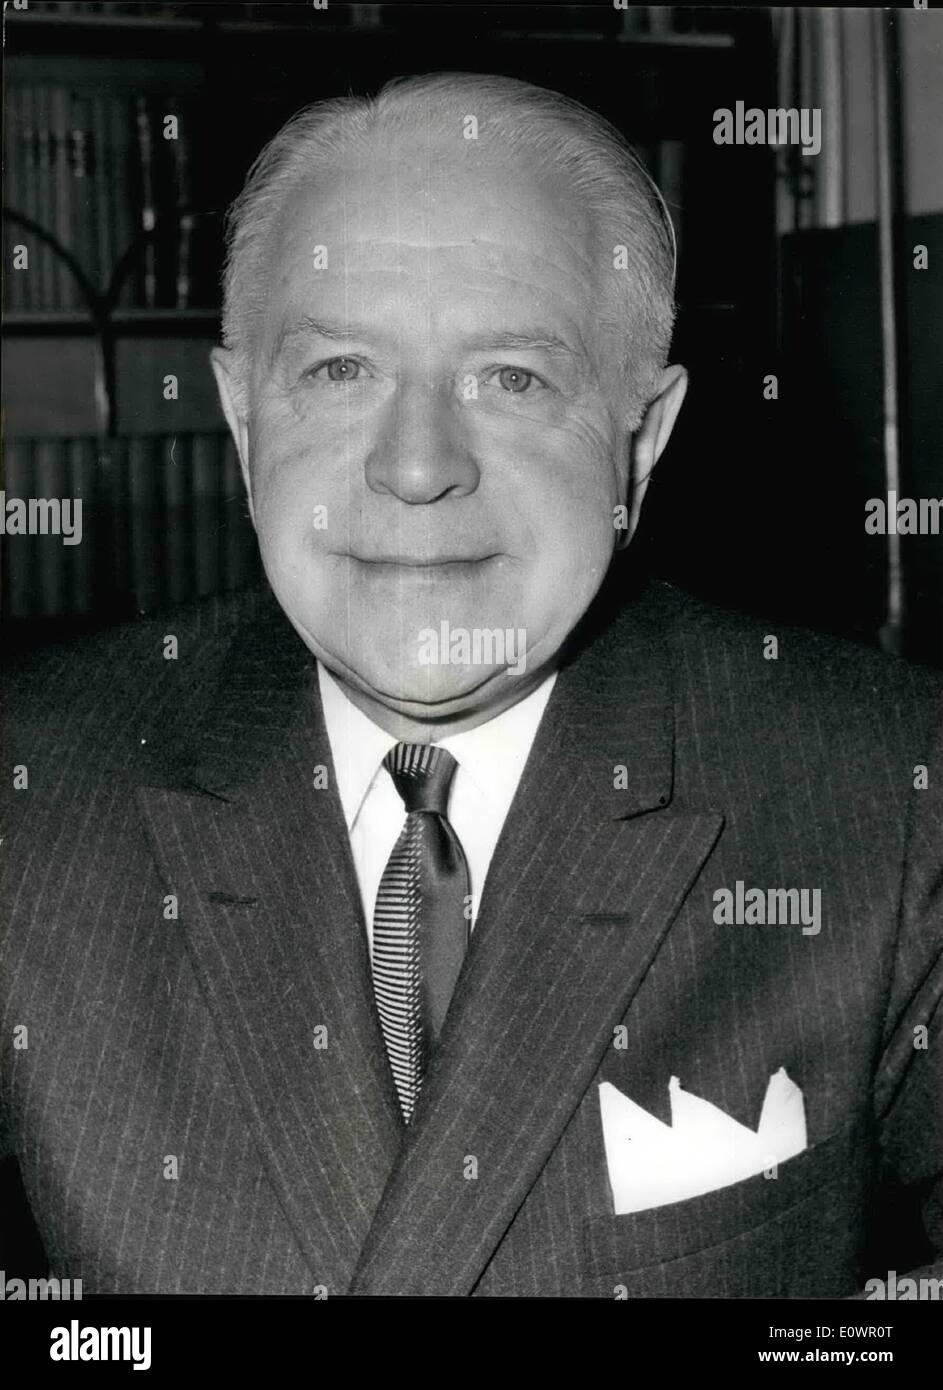 10 févr. 02, 1964 - Nouveau Haut-commissaire du Canada.: l'honorable Lionel Chevrier, le nouveau Haut Commissaire pour le Canada est venu à Londres pour prendre ses fonctions , et est ici considérée dans son bureau à la Maison du Canada. Photo Stock